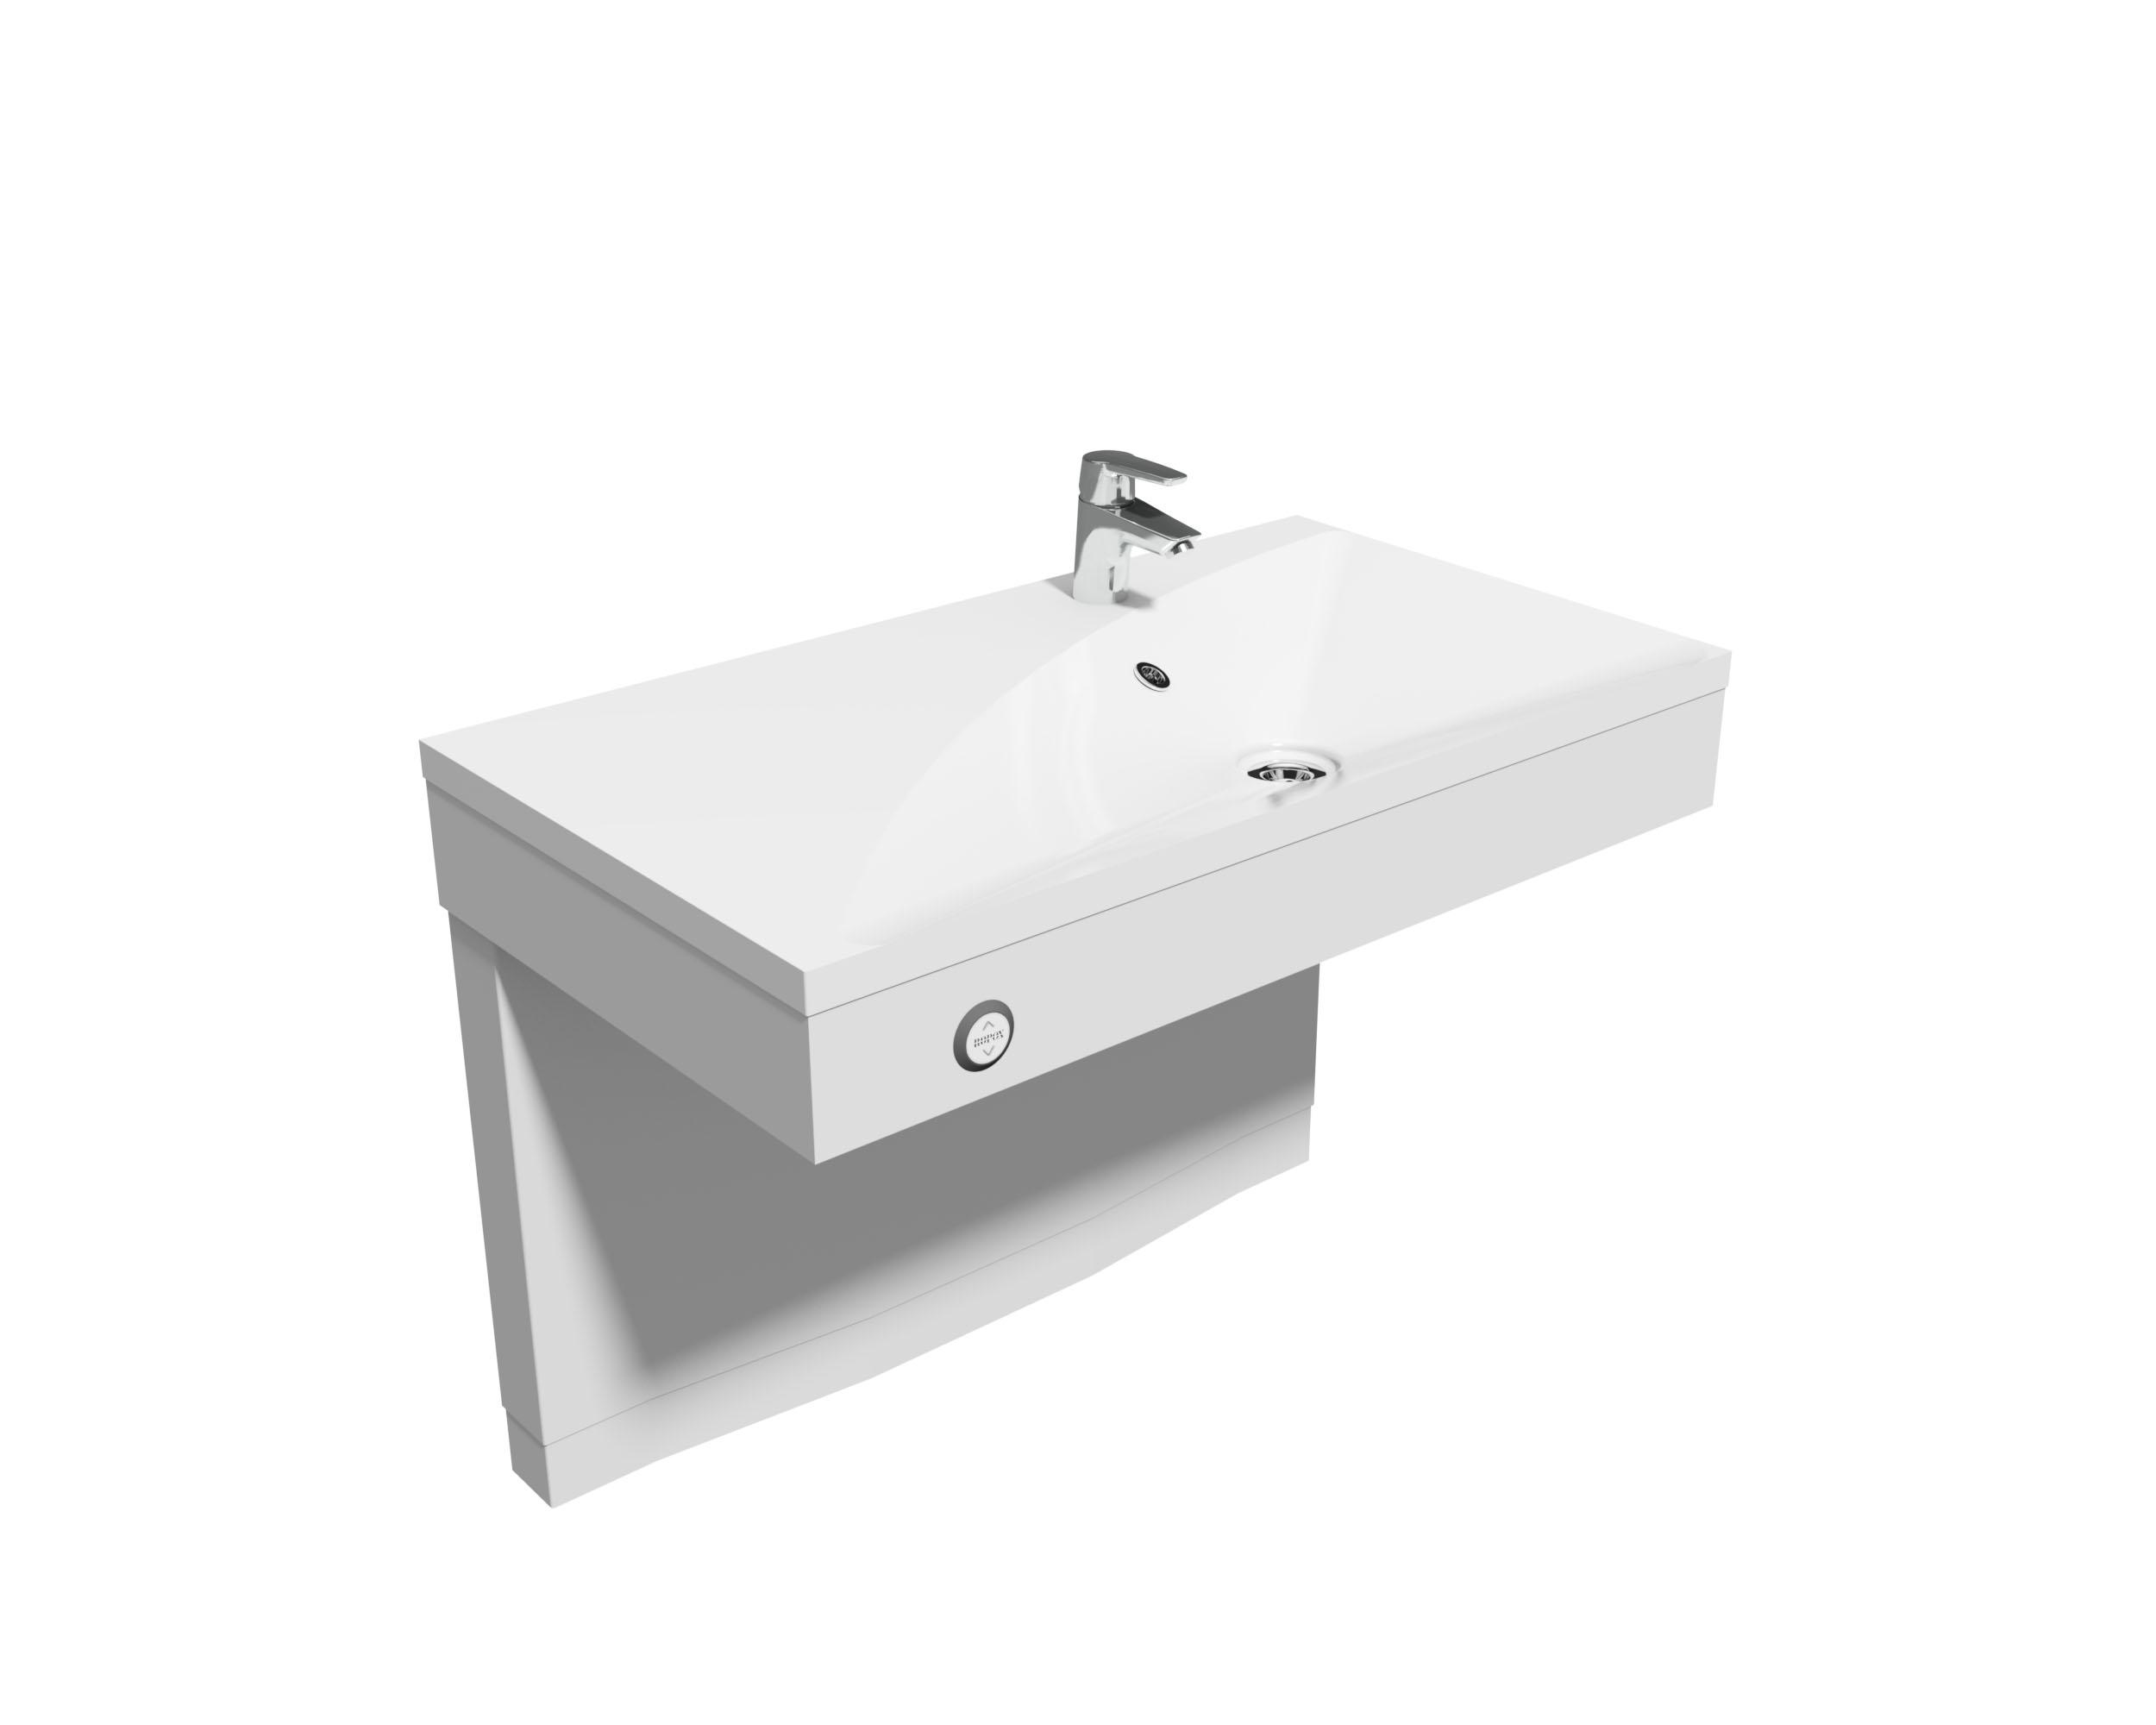 Lavabo Personne Mobilité Réduite lavabo rectangle vanityline en version électrique ou manuelle